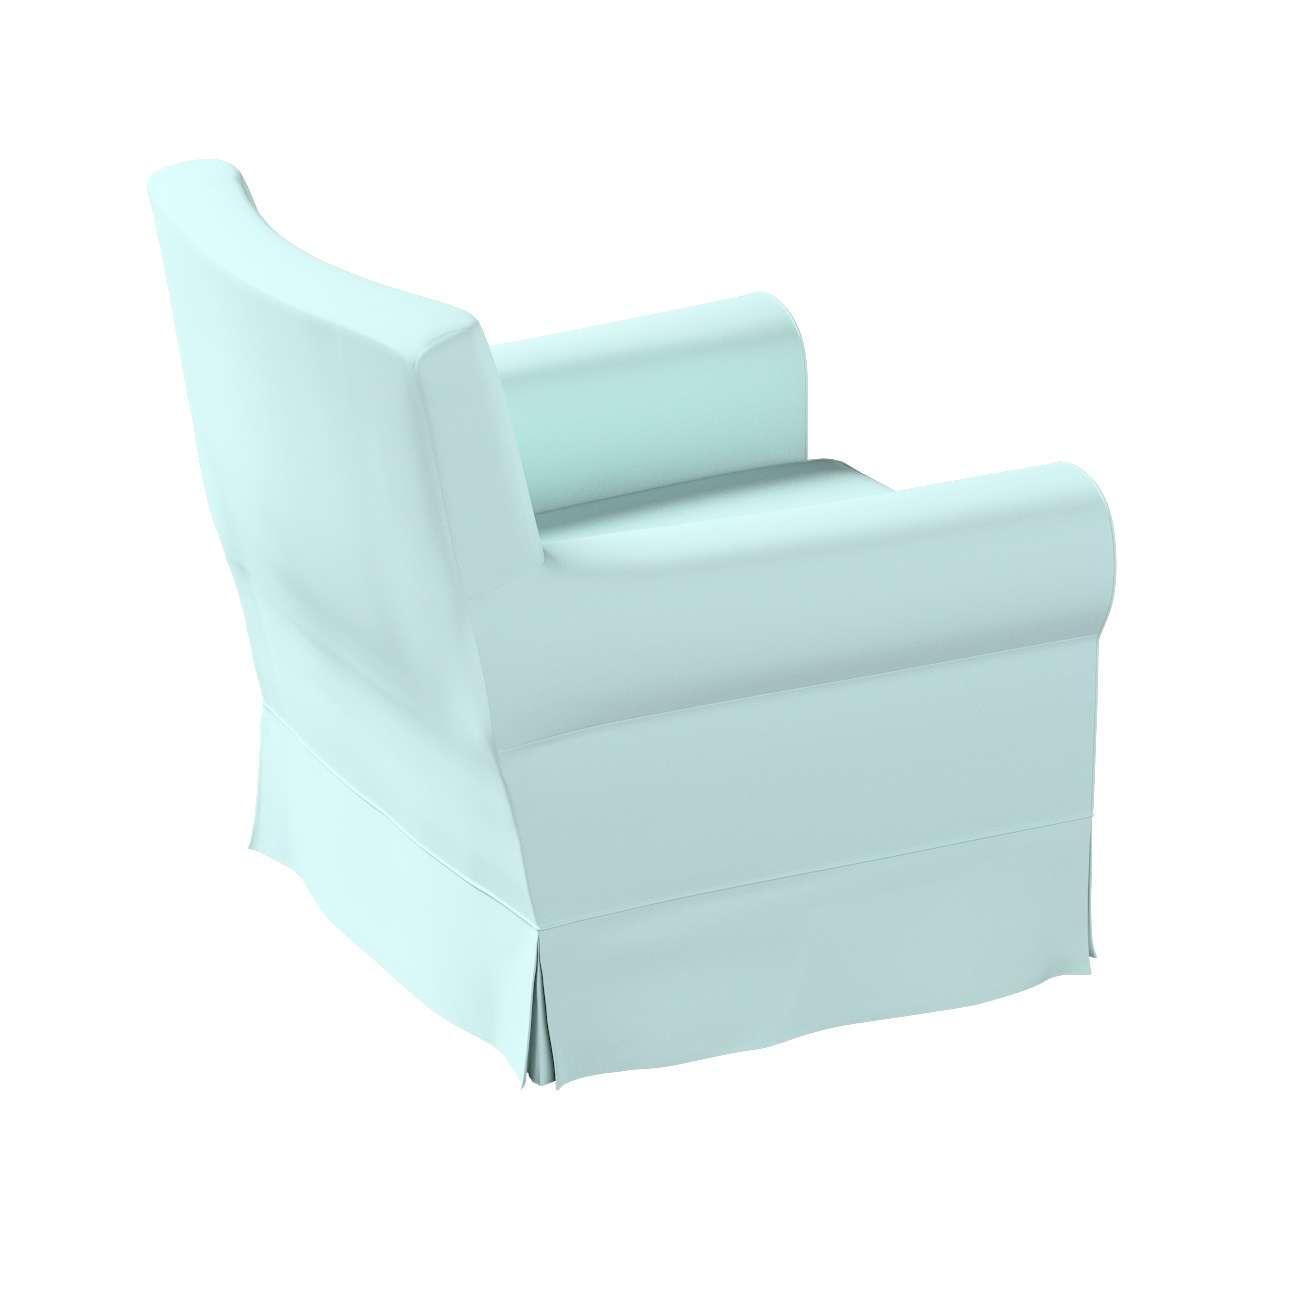 Pokrowiec na fotel Ektorp Jennylund w kolekcji Cotton Panama, tkanina: 702-10